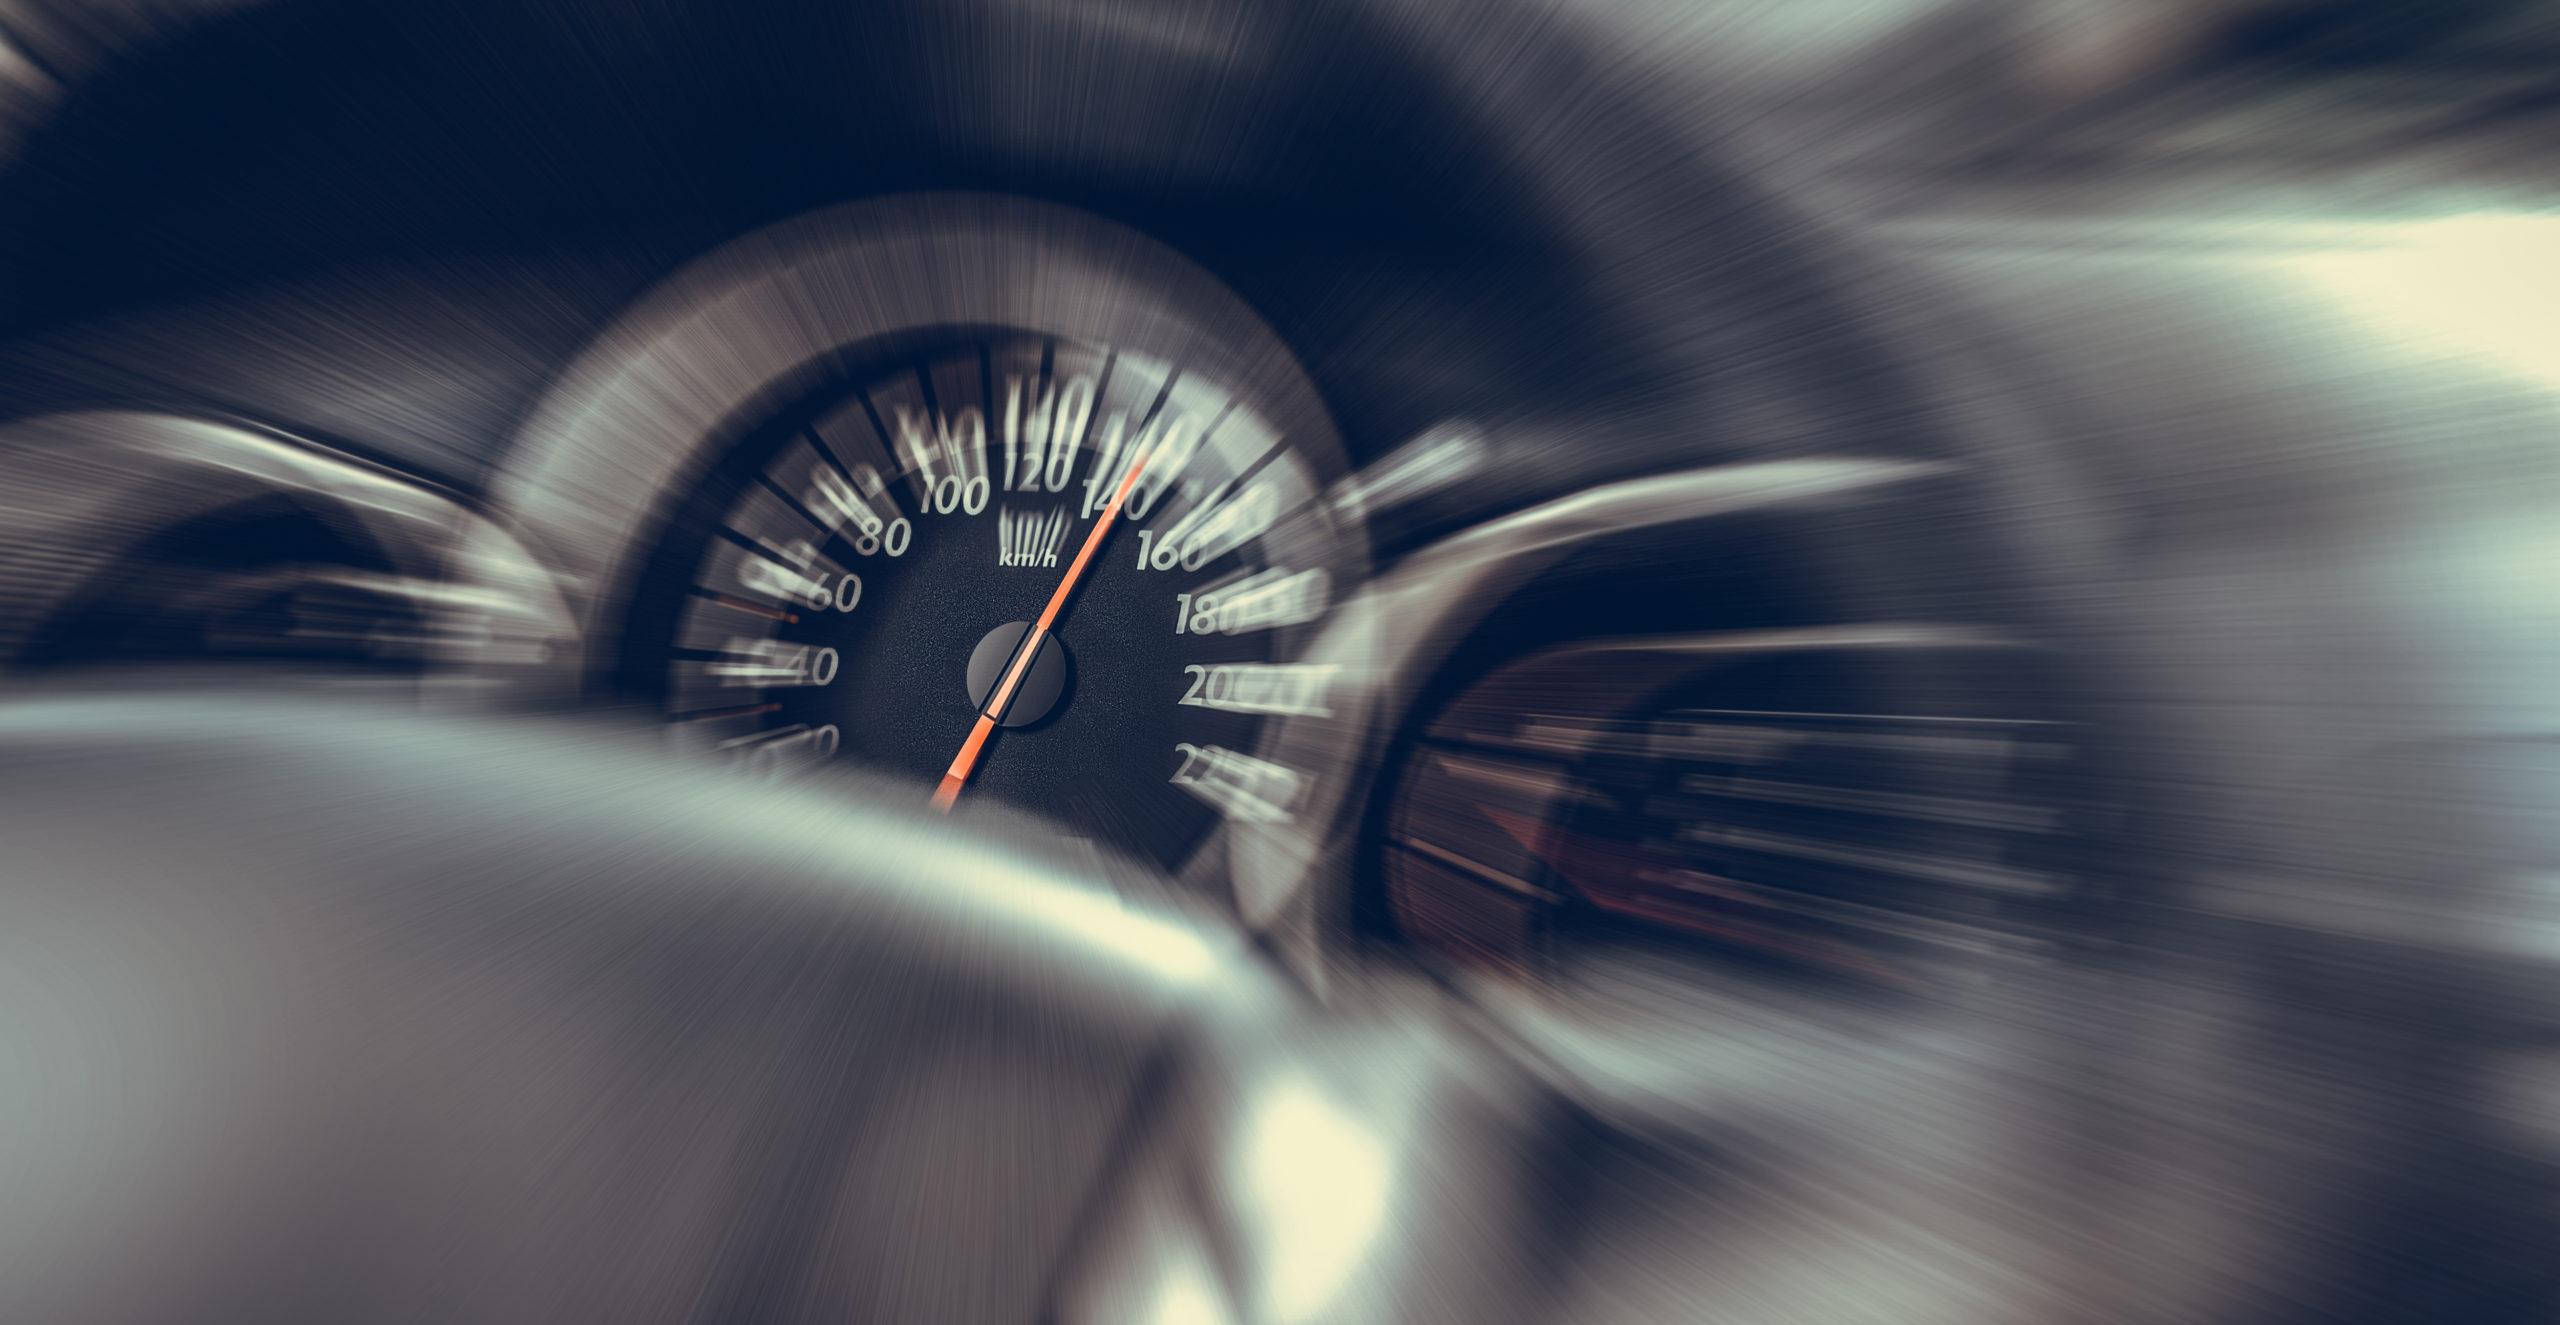 Трета година по ред: Возачите на оваа јапонска марка најчесто добиваат казни за брзо возење